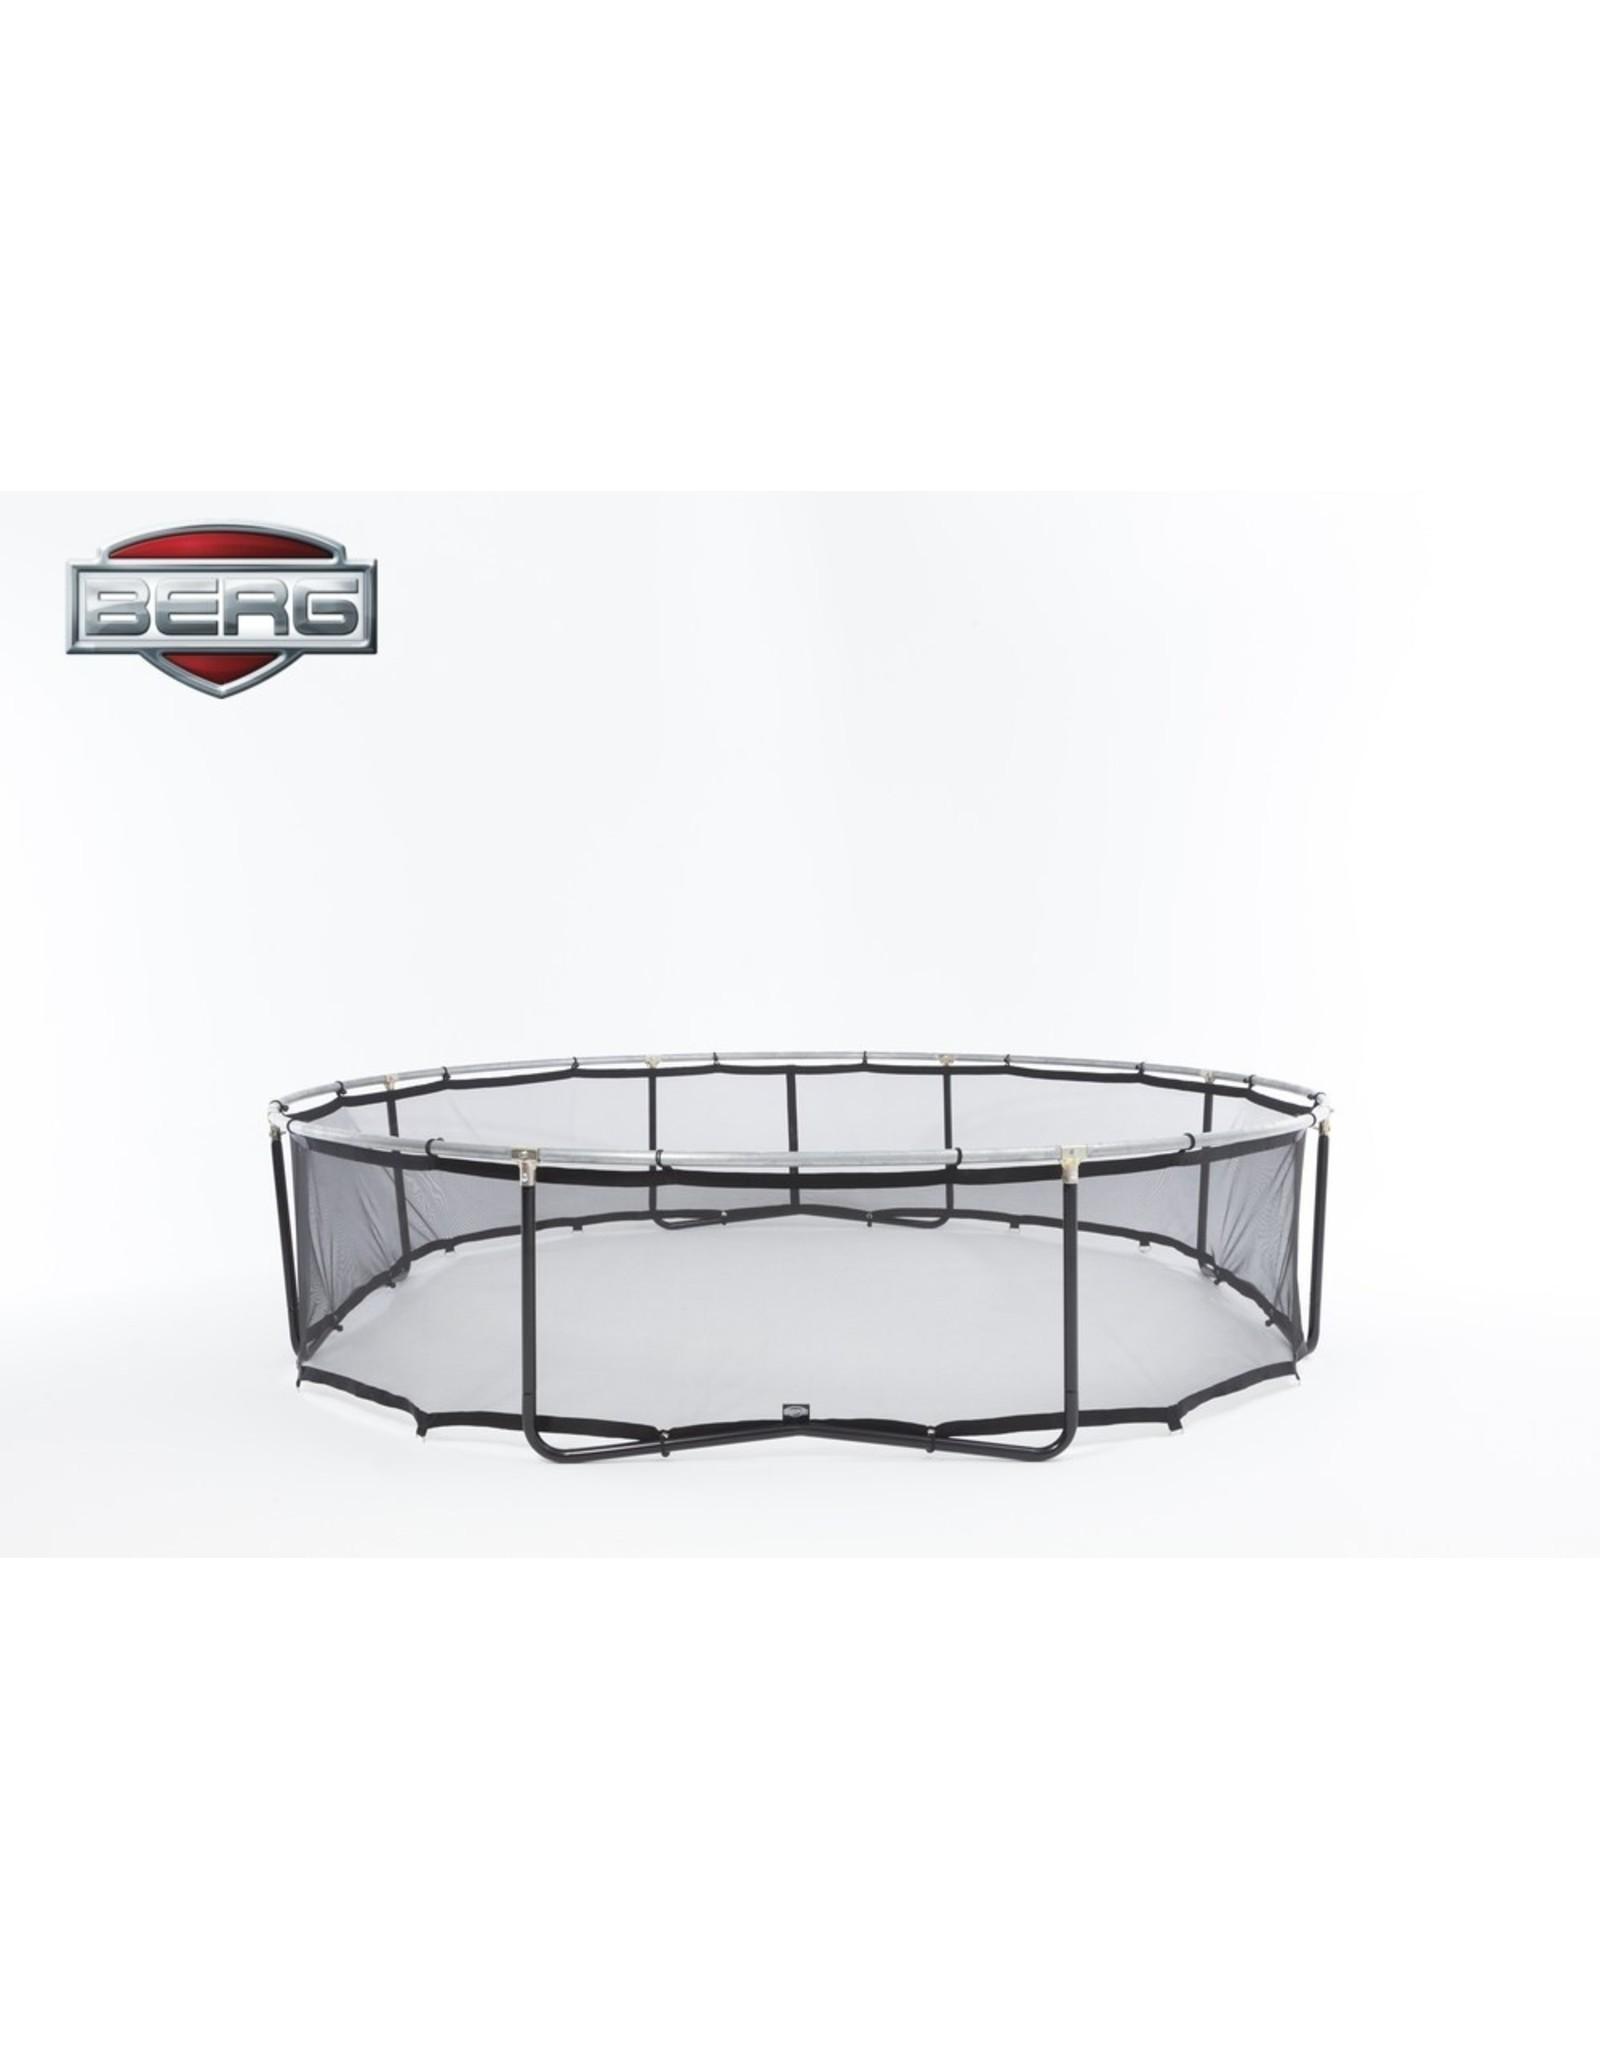 BERG BERG Frame Net Extra 270